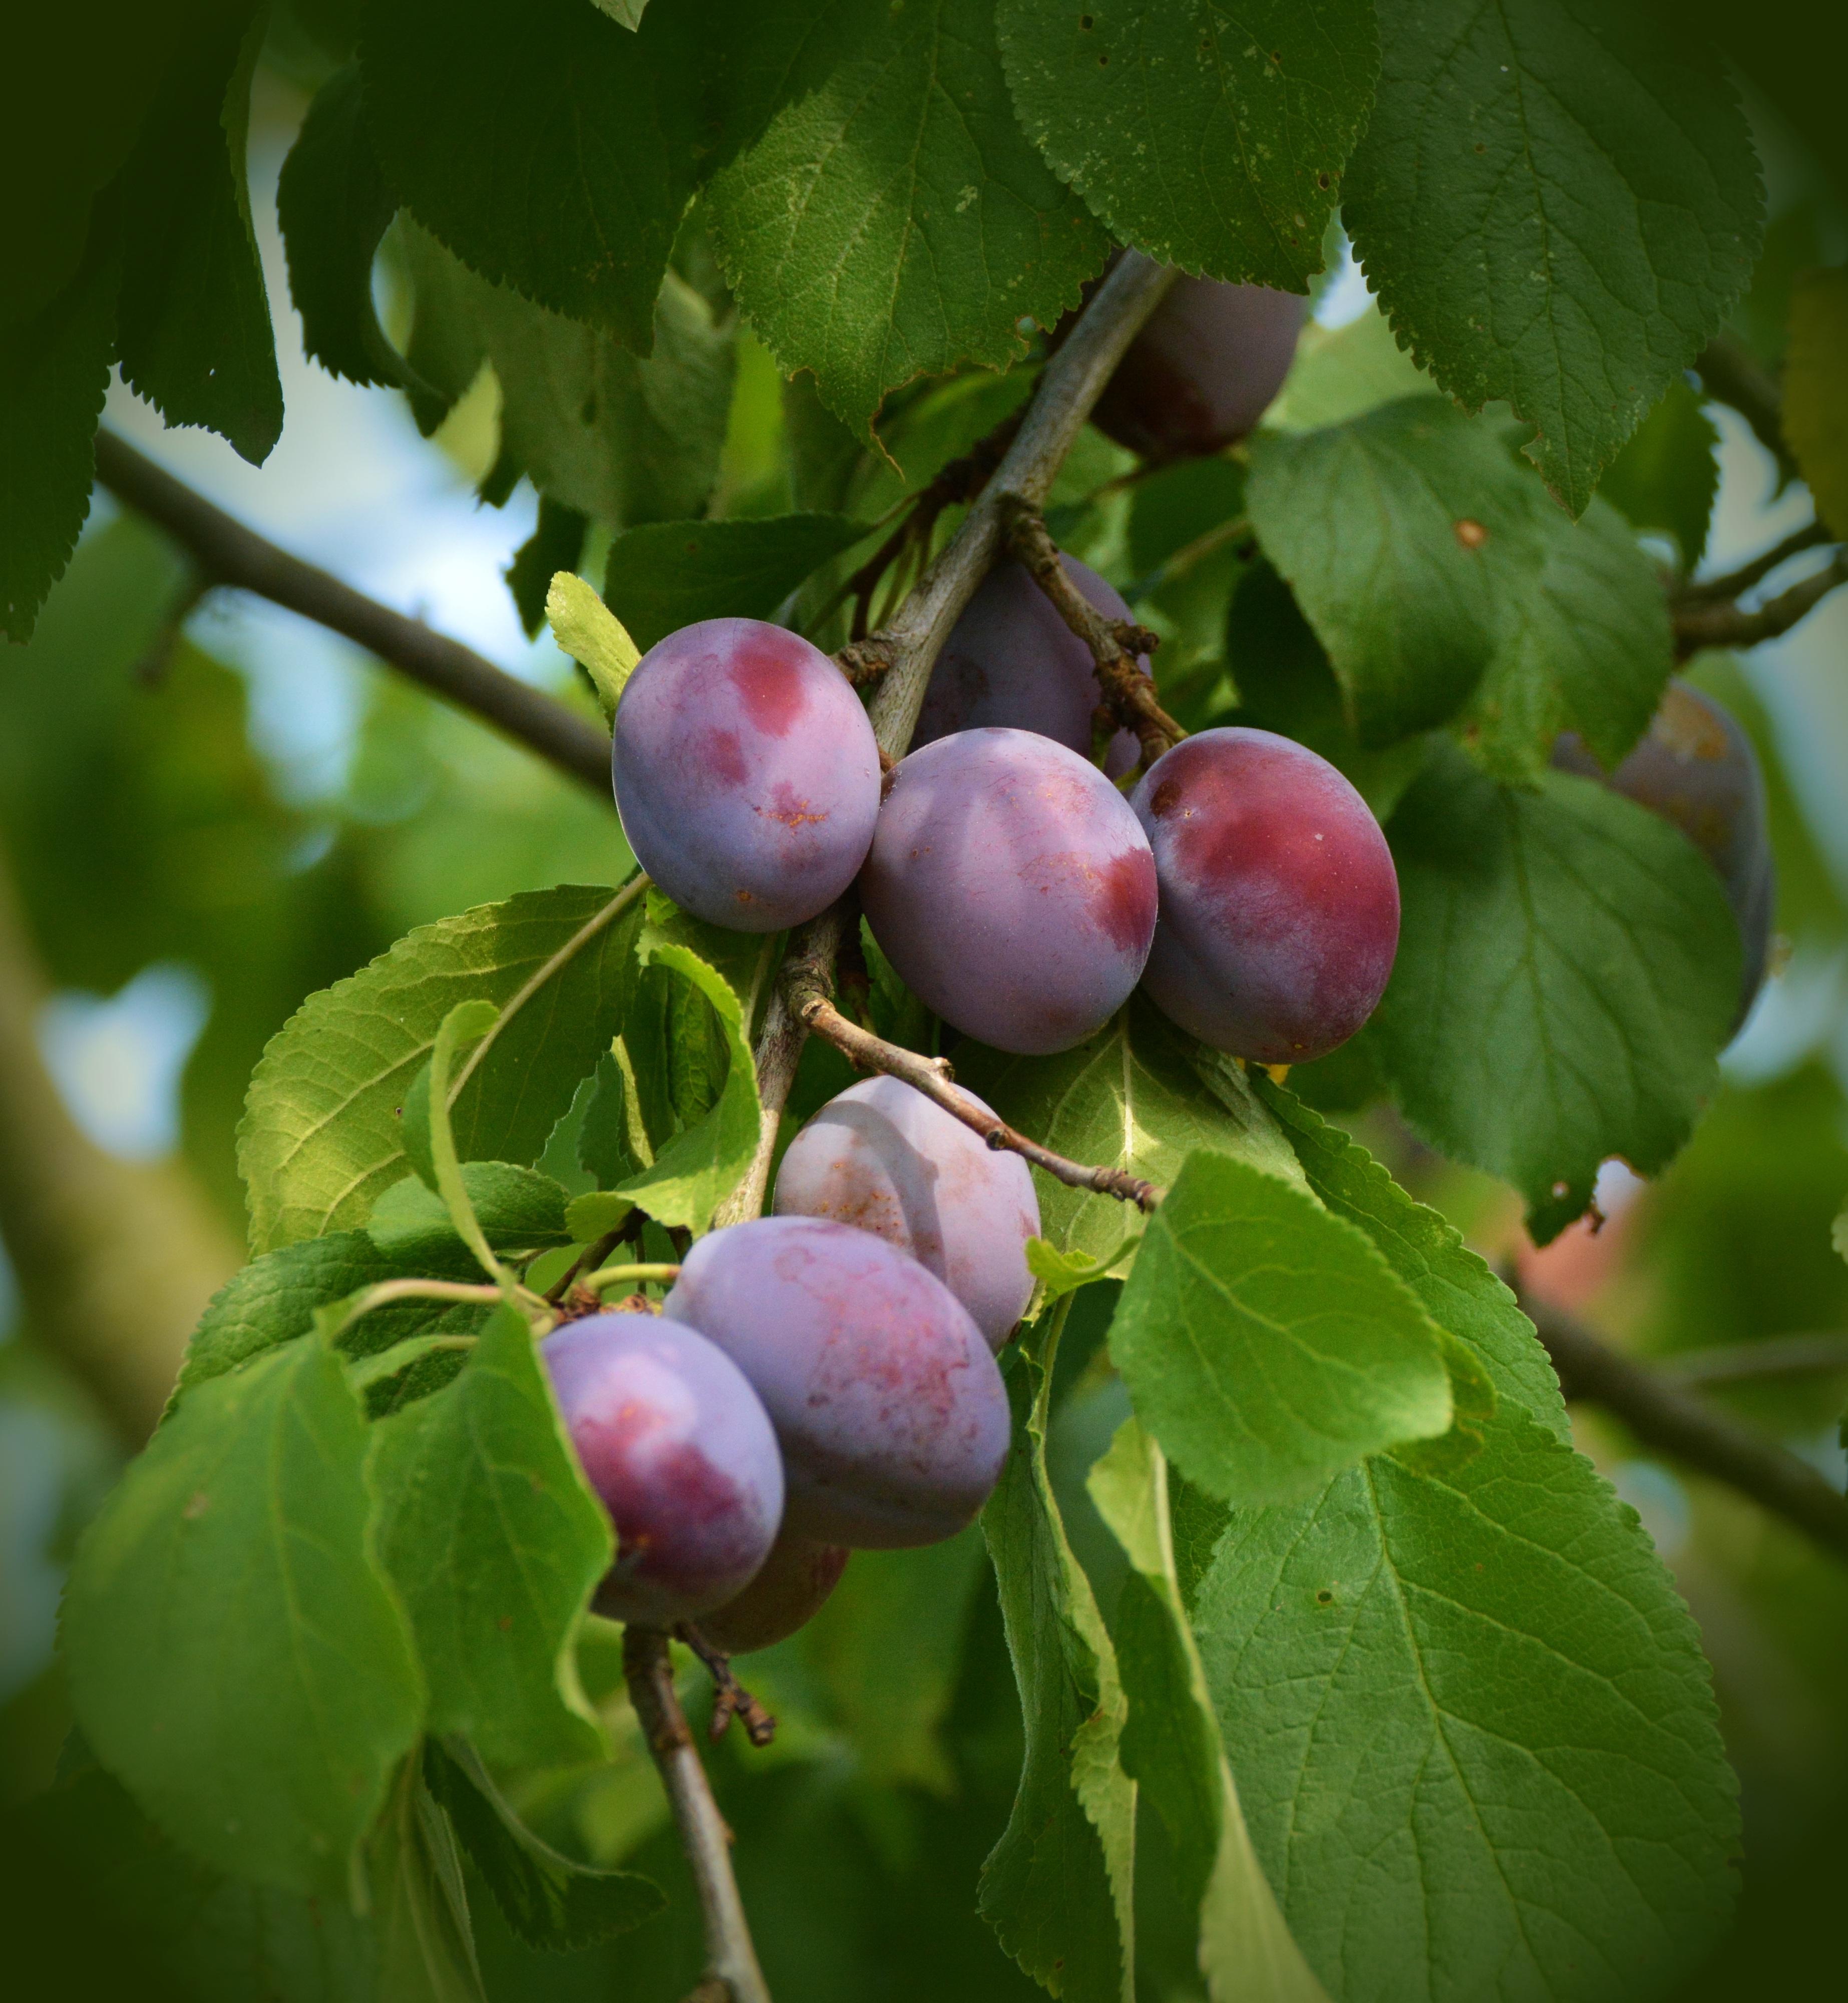 Слива — это ягода или фрукт Слива — это дерево или кустарник